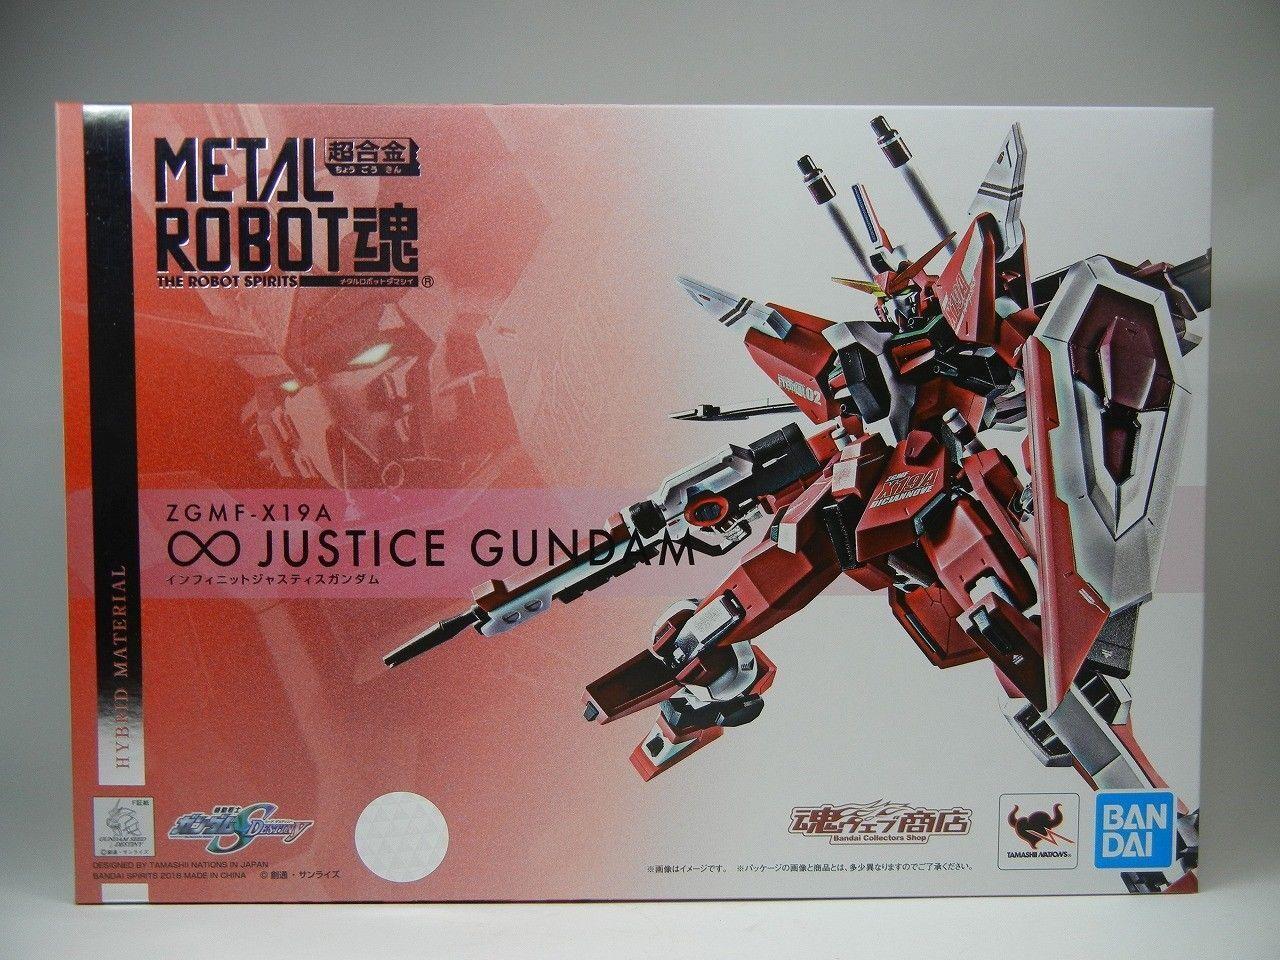 METAAL ROBOT GEEFT Infinite Justice Gundam Seed Destiny Premium Chogokin